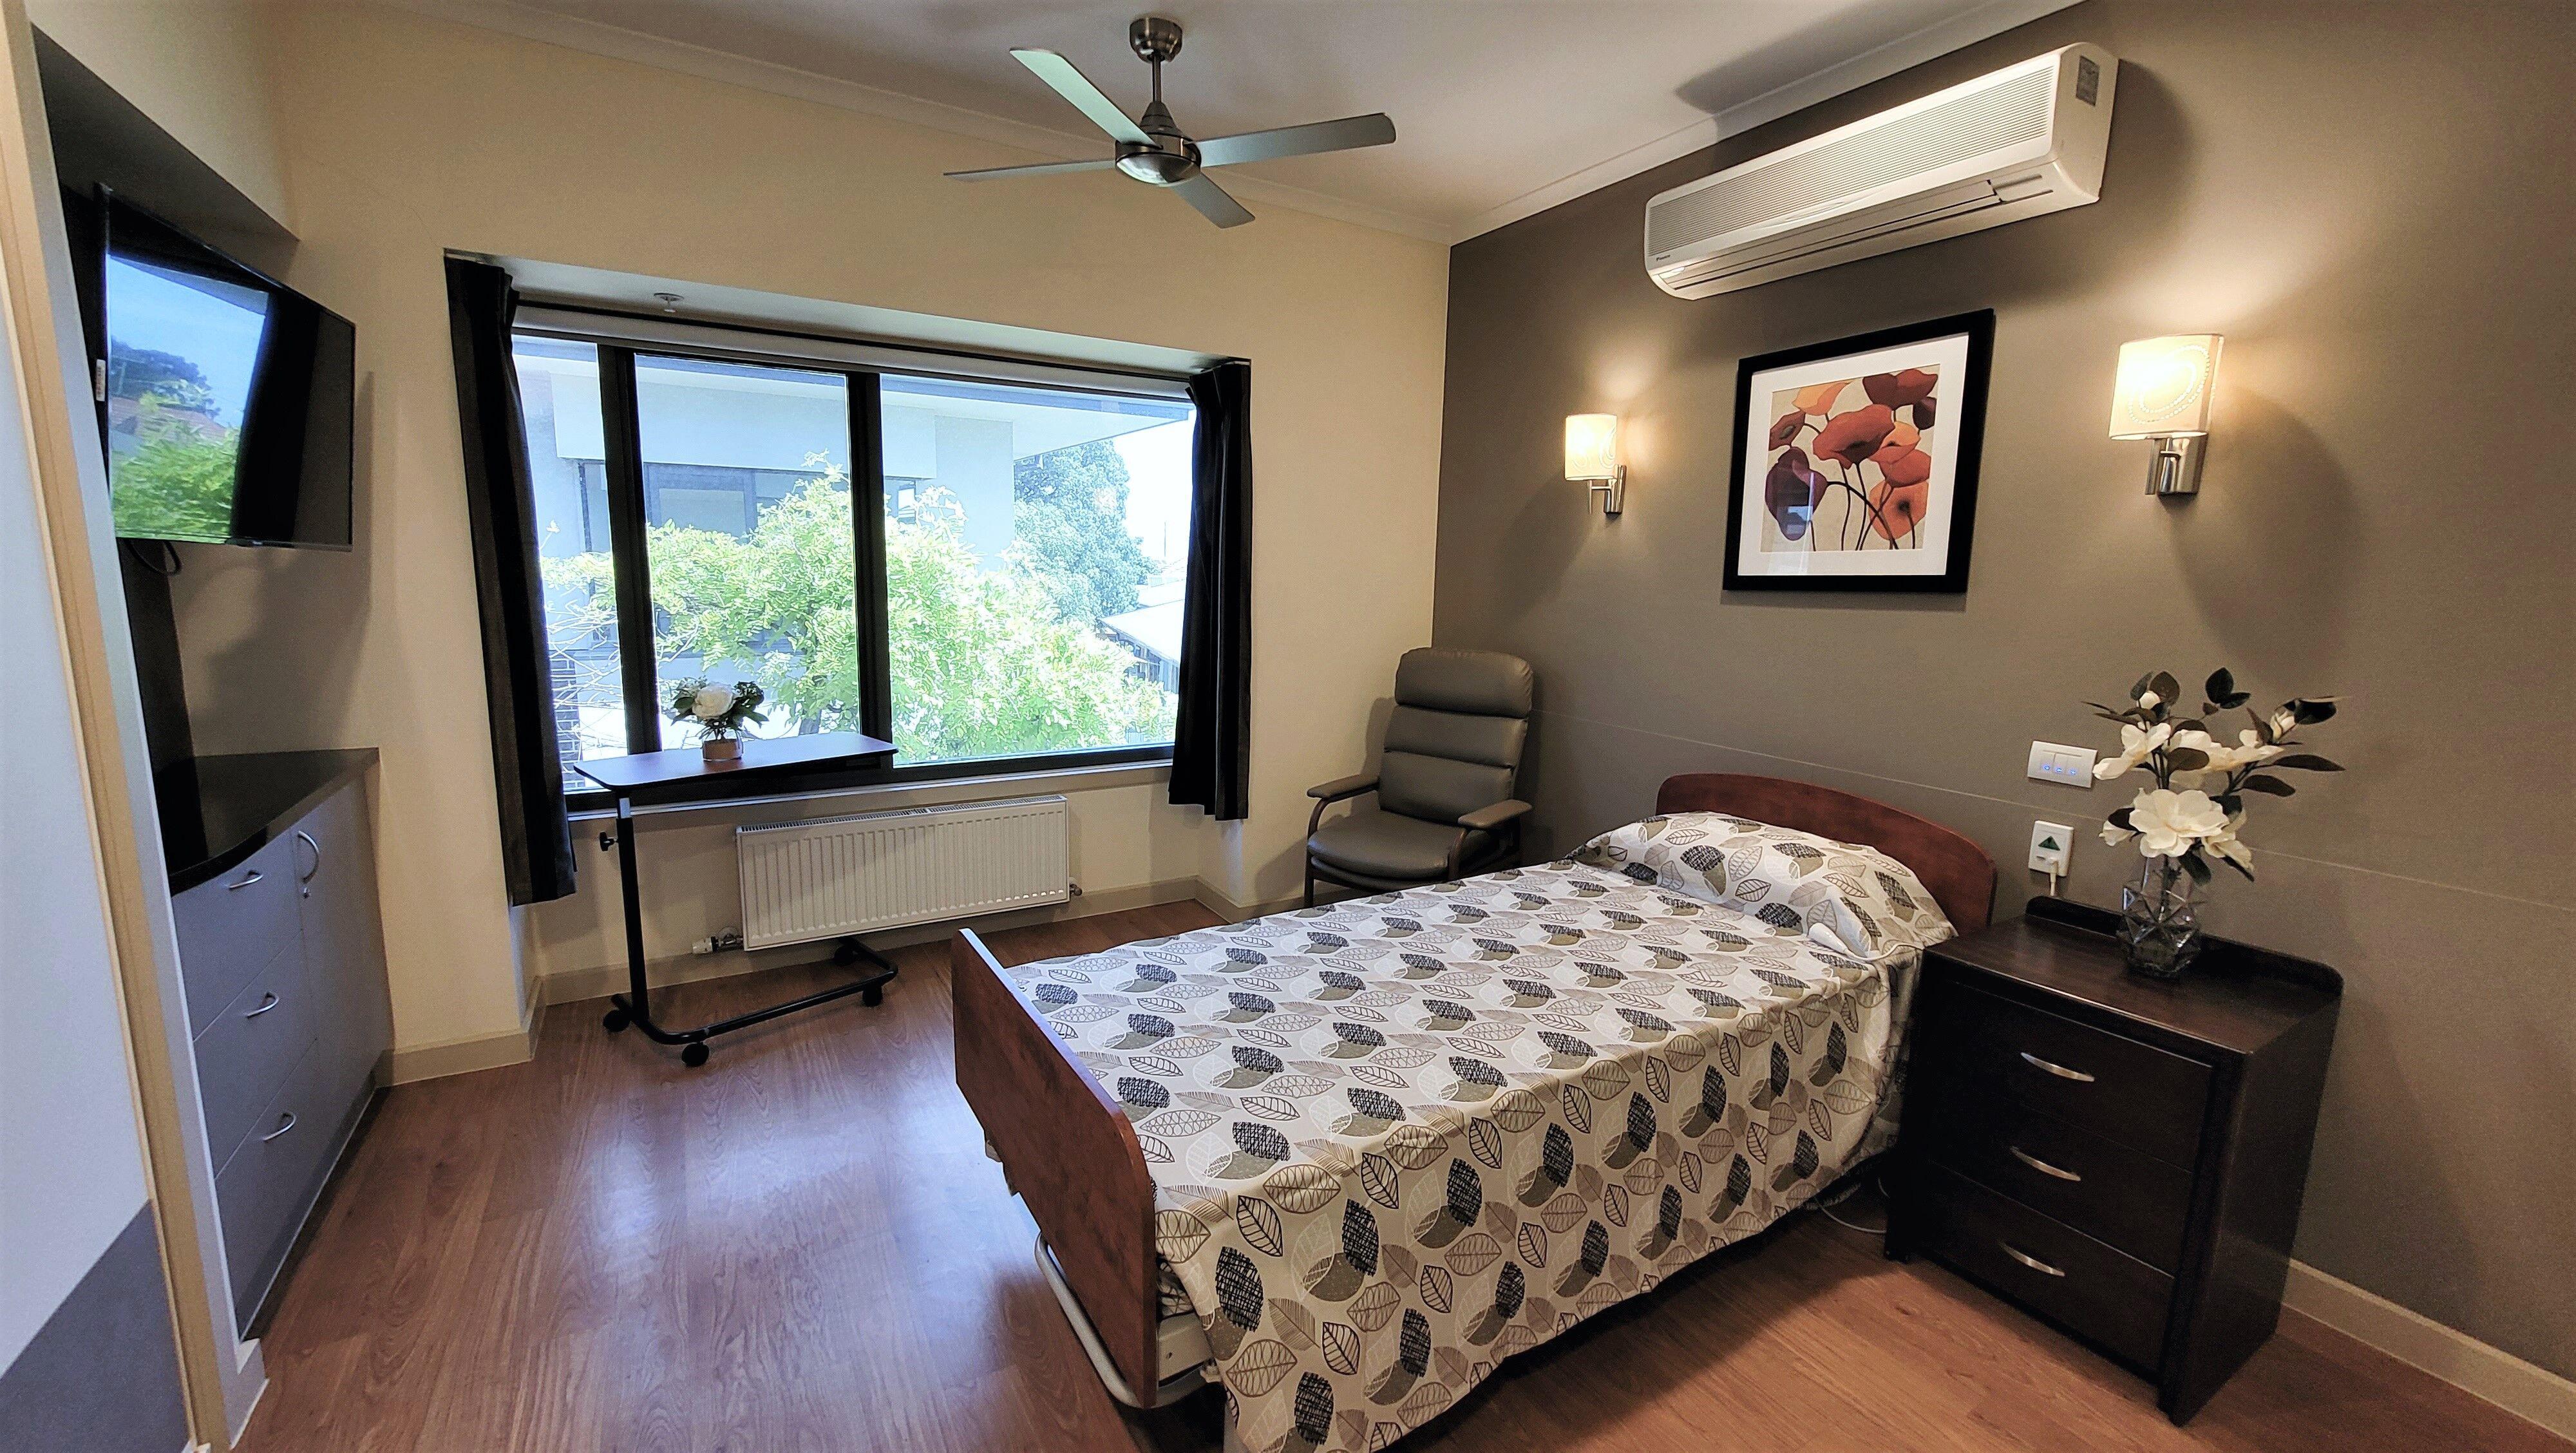 Anzac Lodge Nursing Home, Coburg North VIC 3058 - Bedroom Example 3